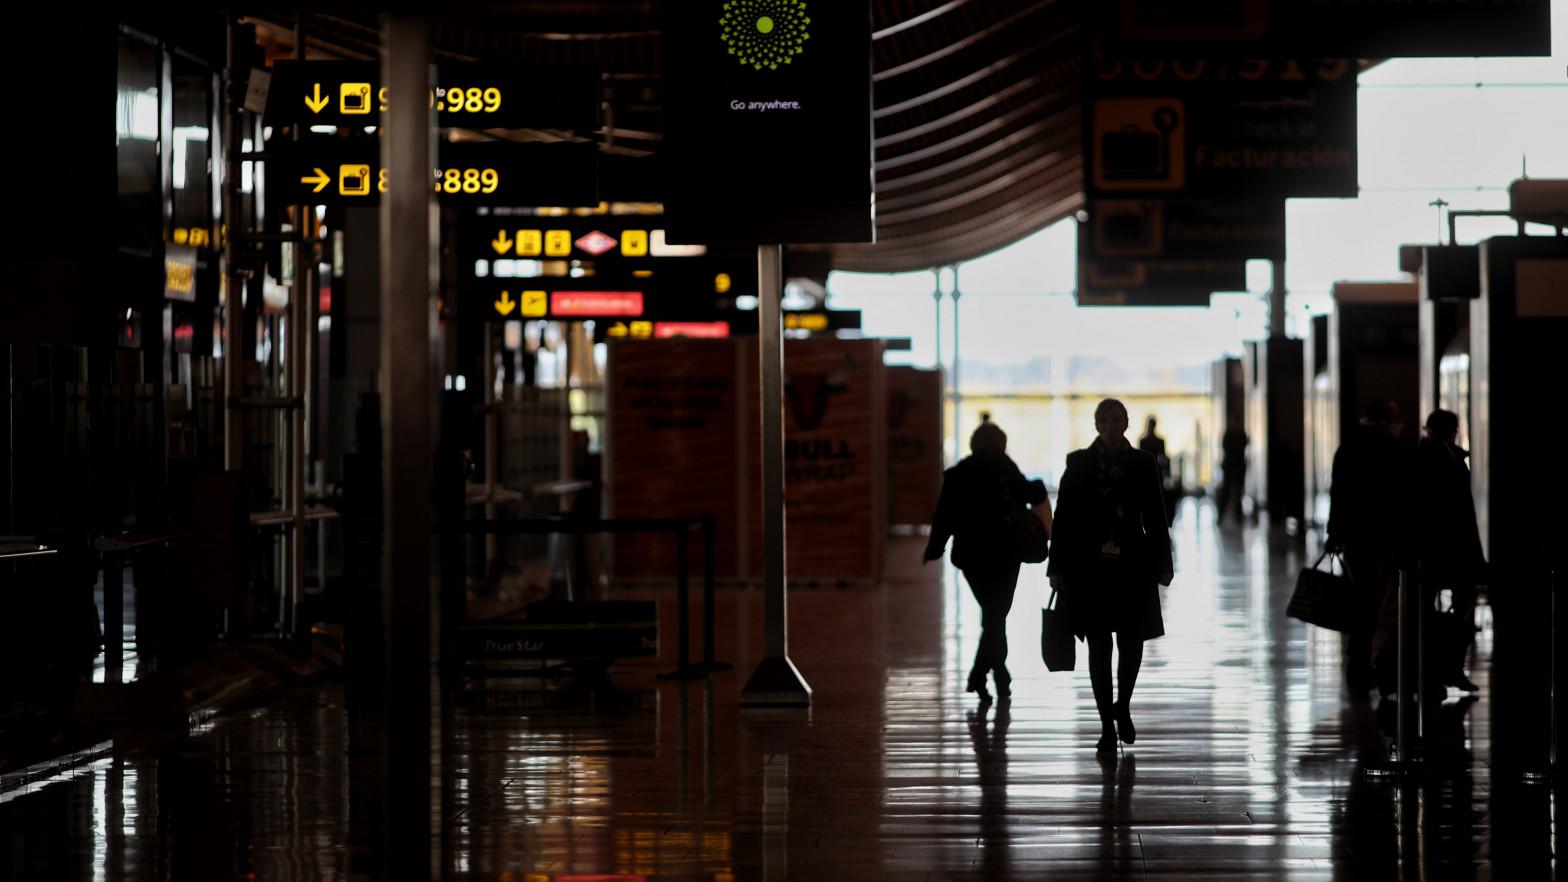 El CNI detecta la entrada de espías extranjeros en Europa a través de España